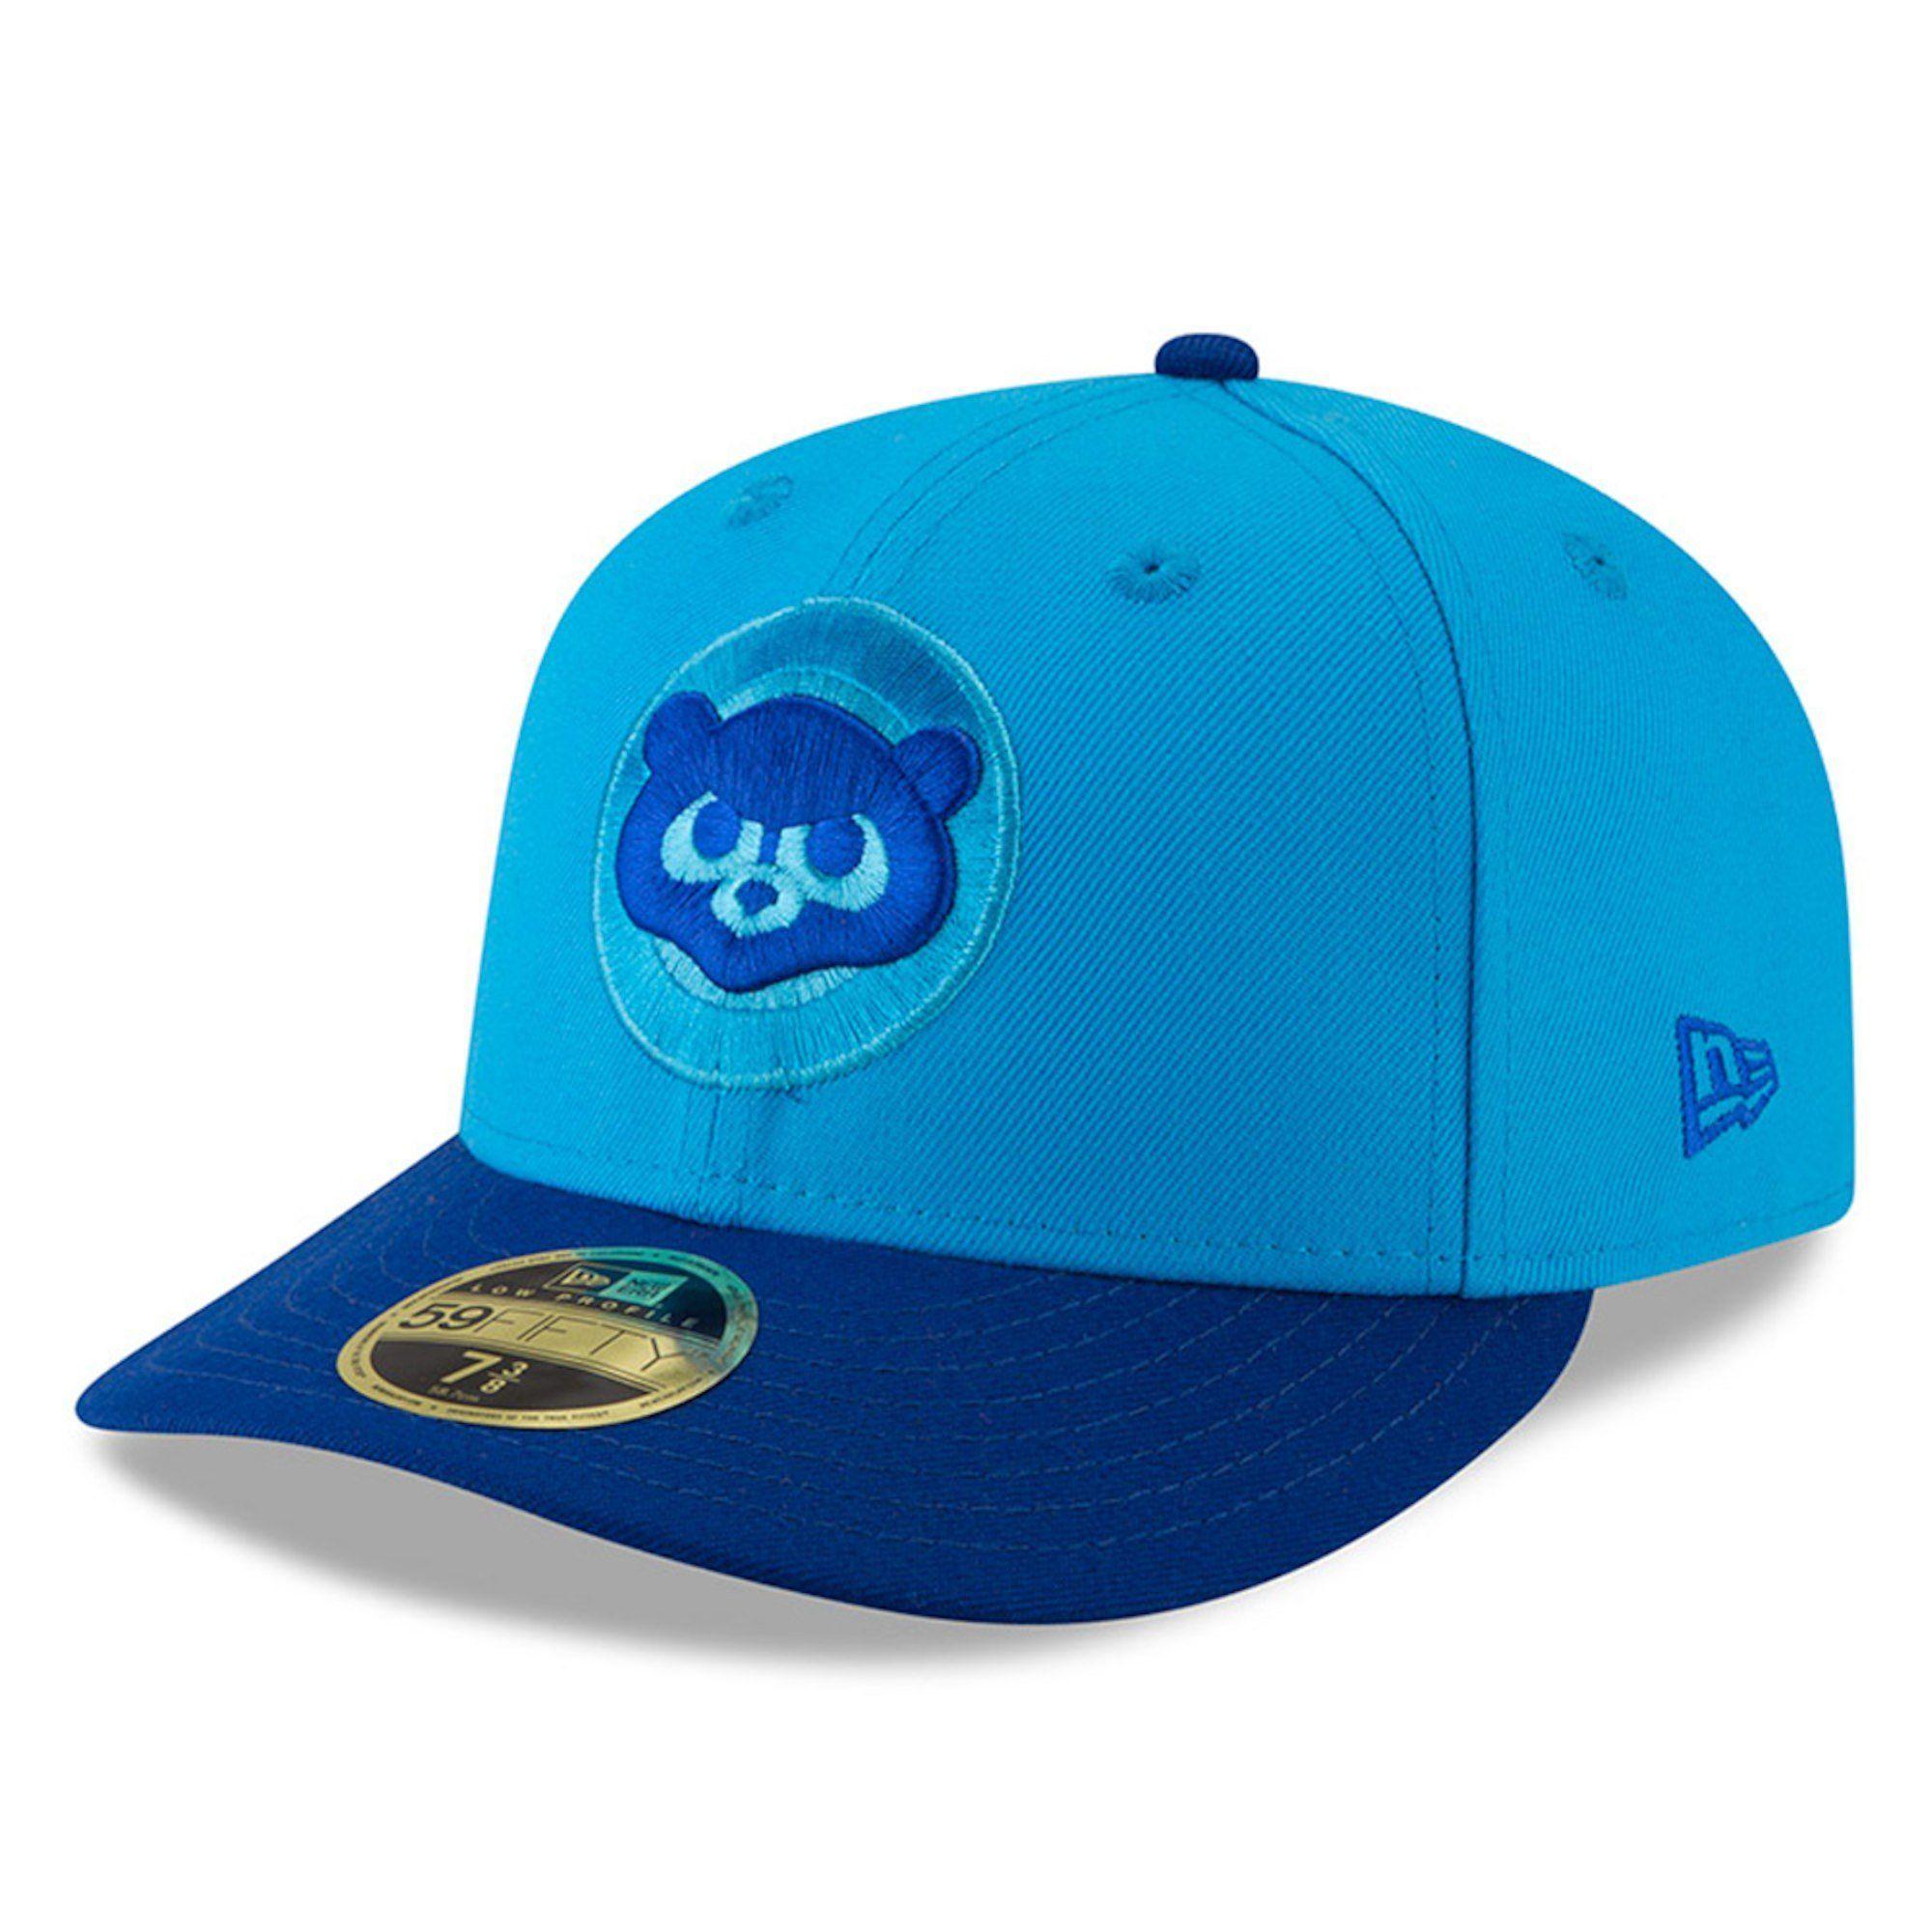 2879927cd shop chicago cubs low profile hat f7f3e 17a89